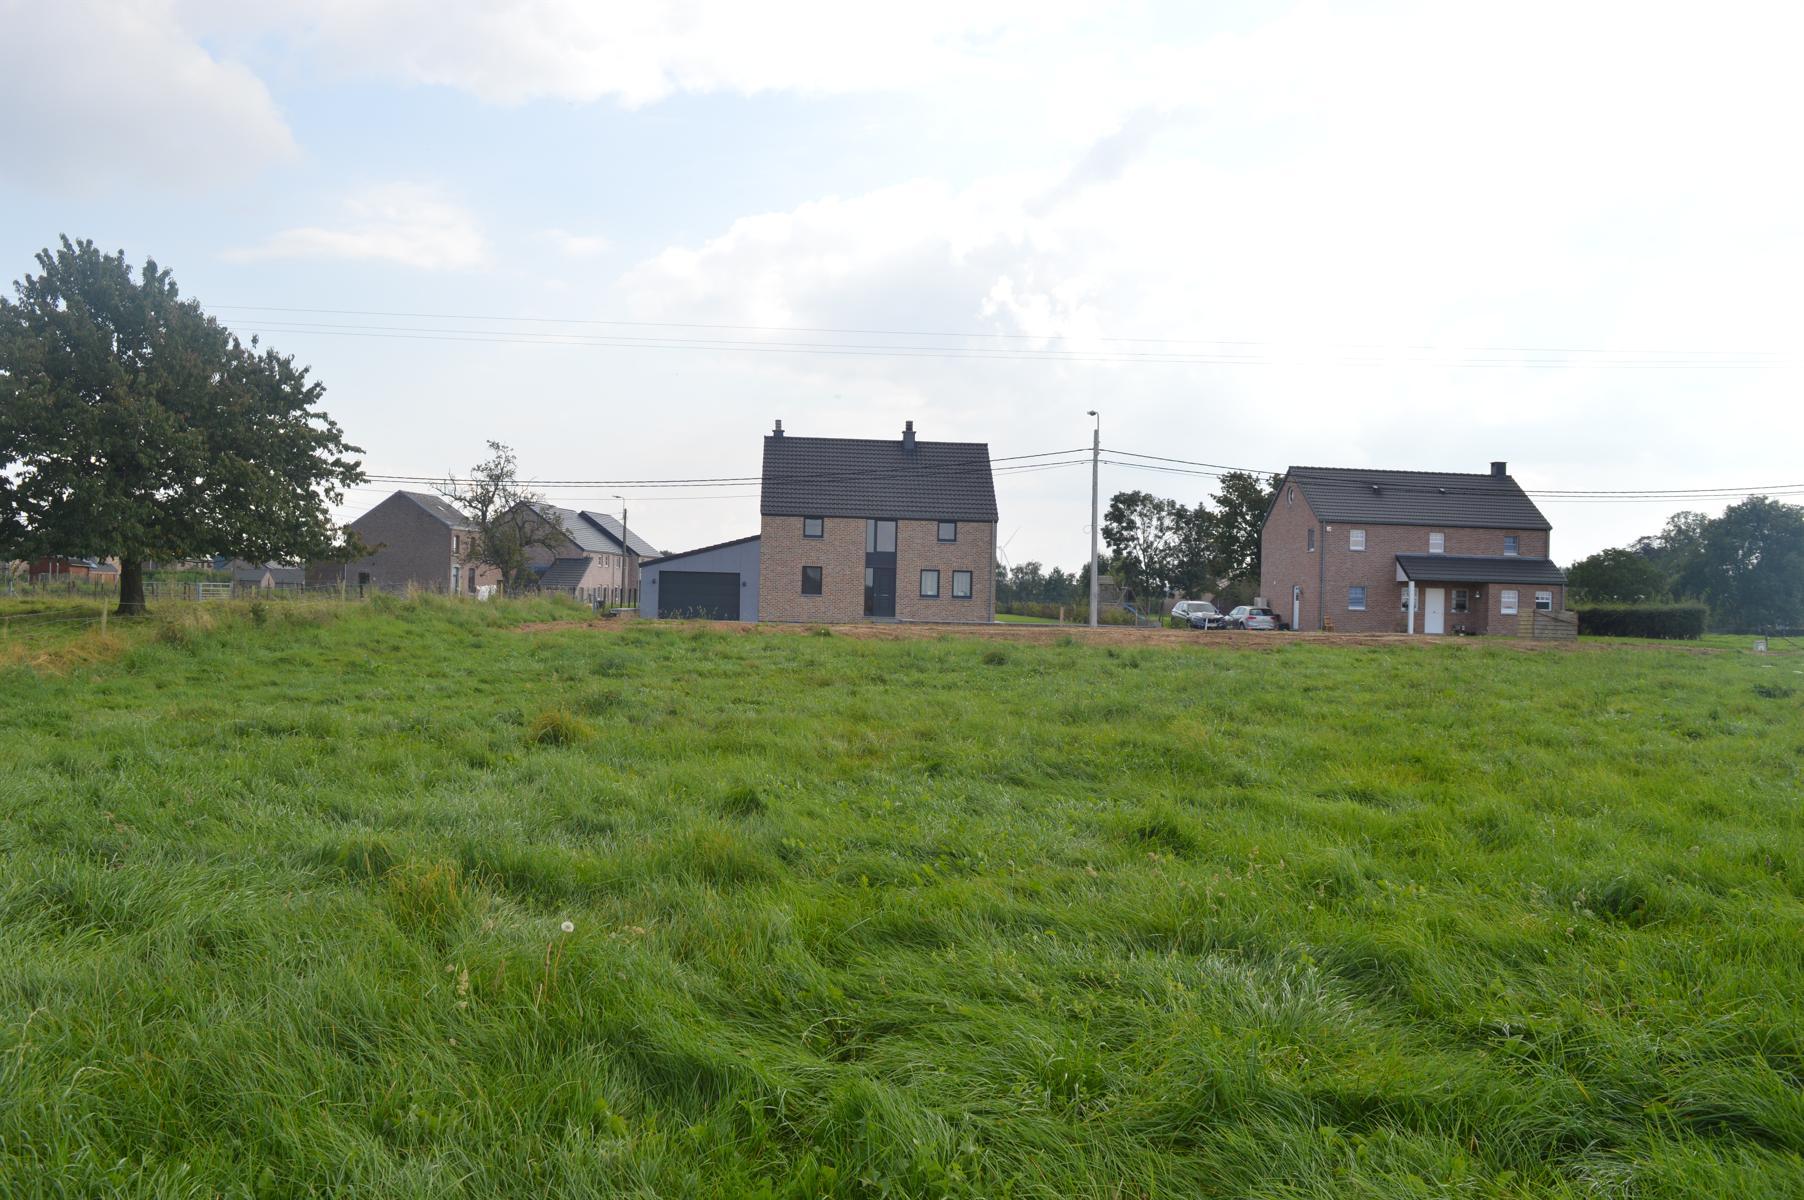 Terrain à bâtir - Villersle-Bouillet Vauxet-Borset - #4518334-3